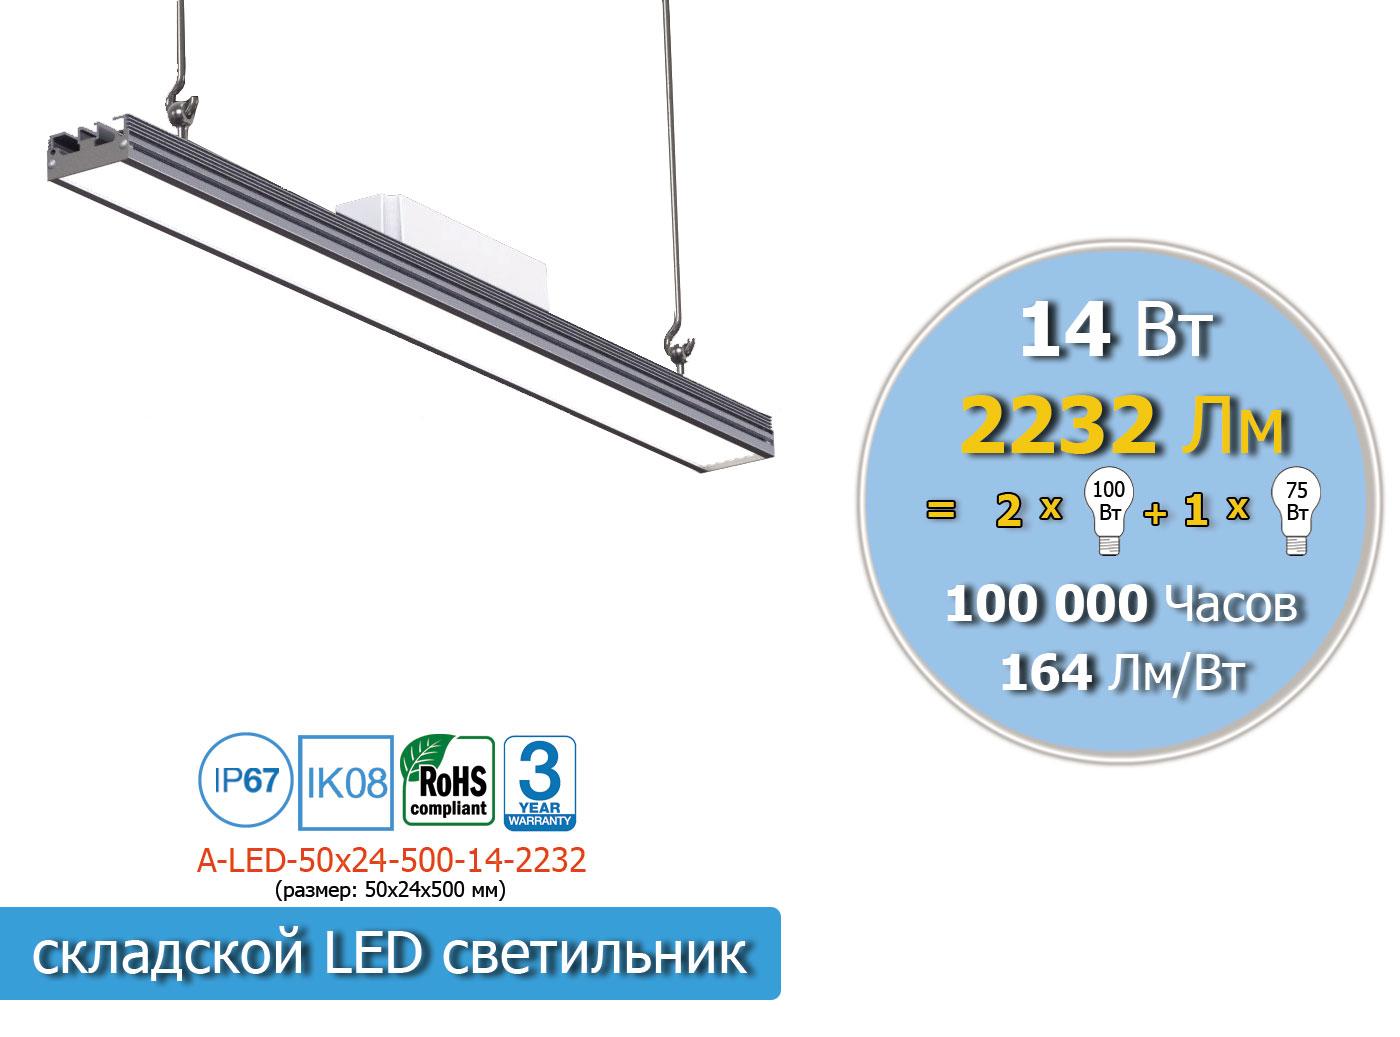 A-LED-50x24-1-500-14-2232